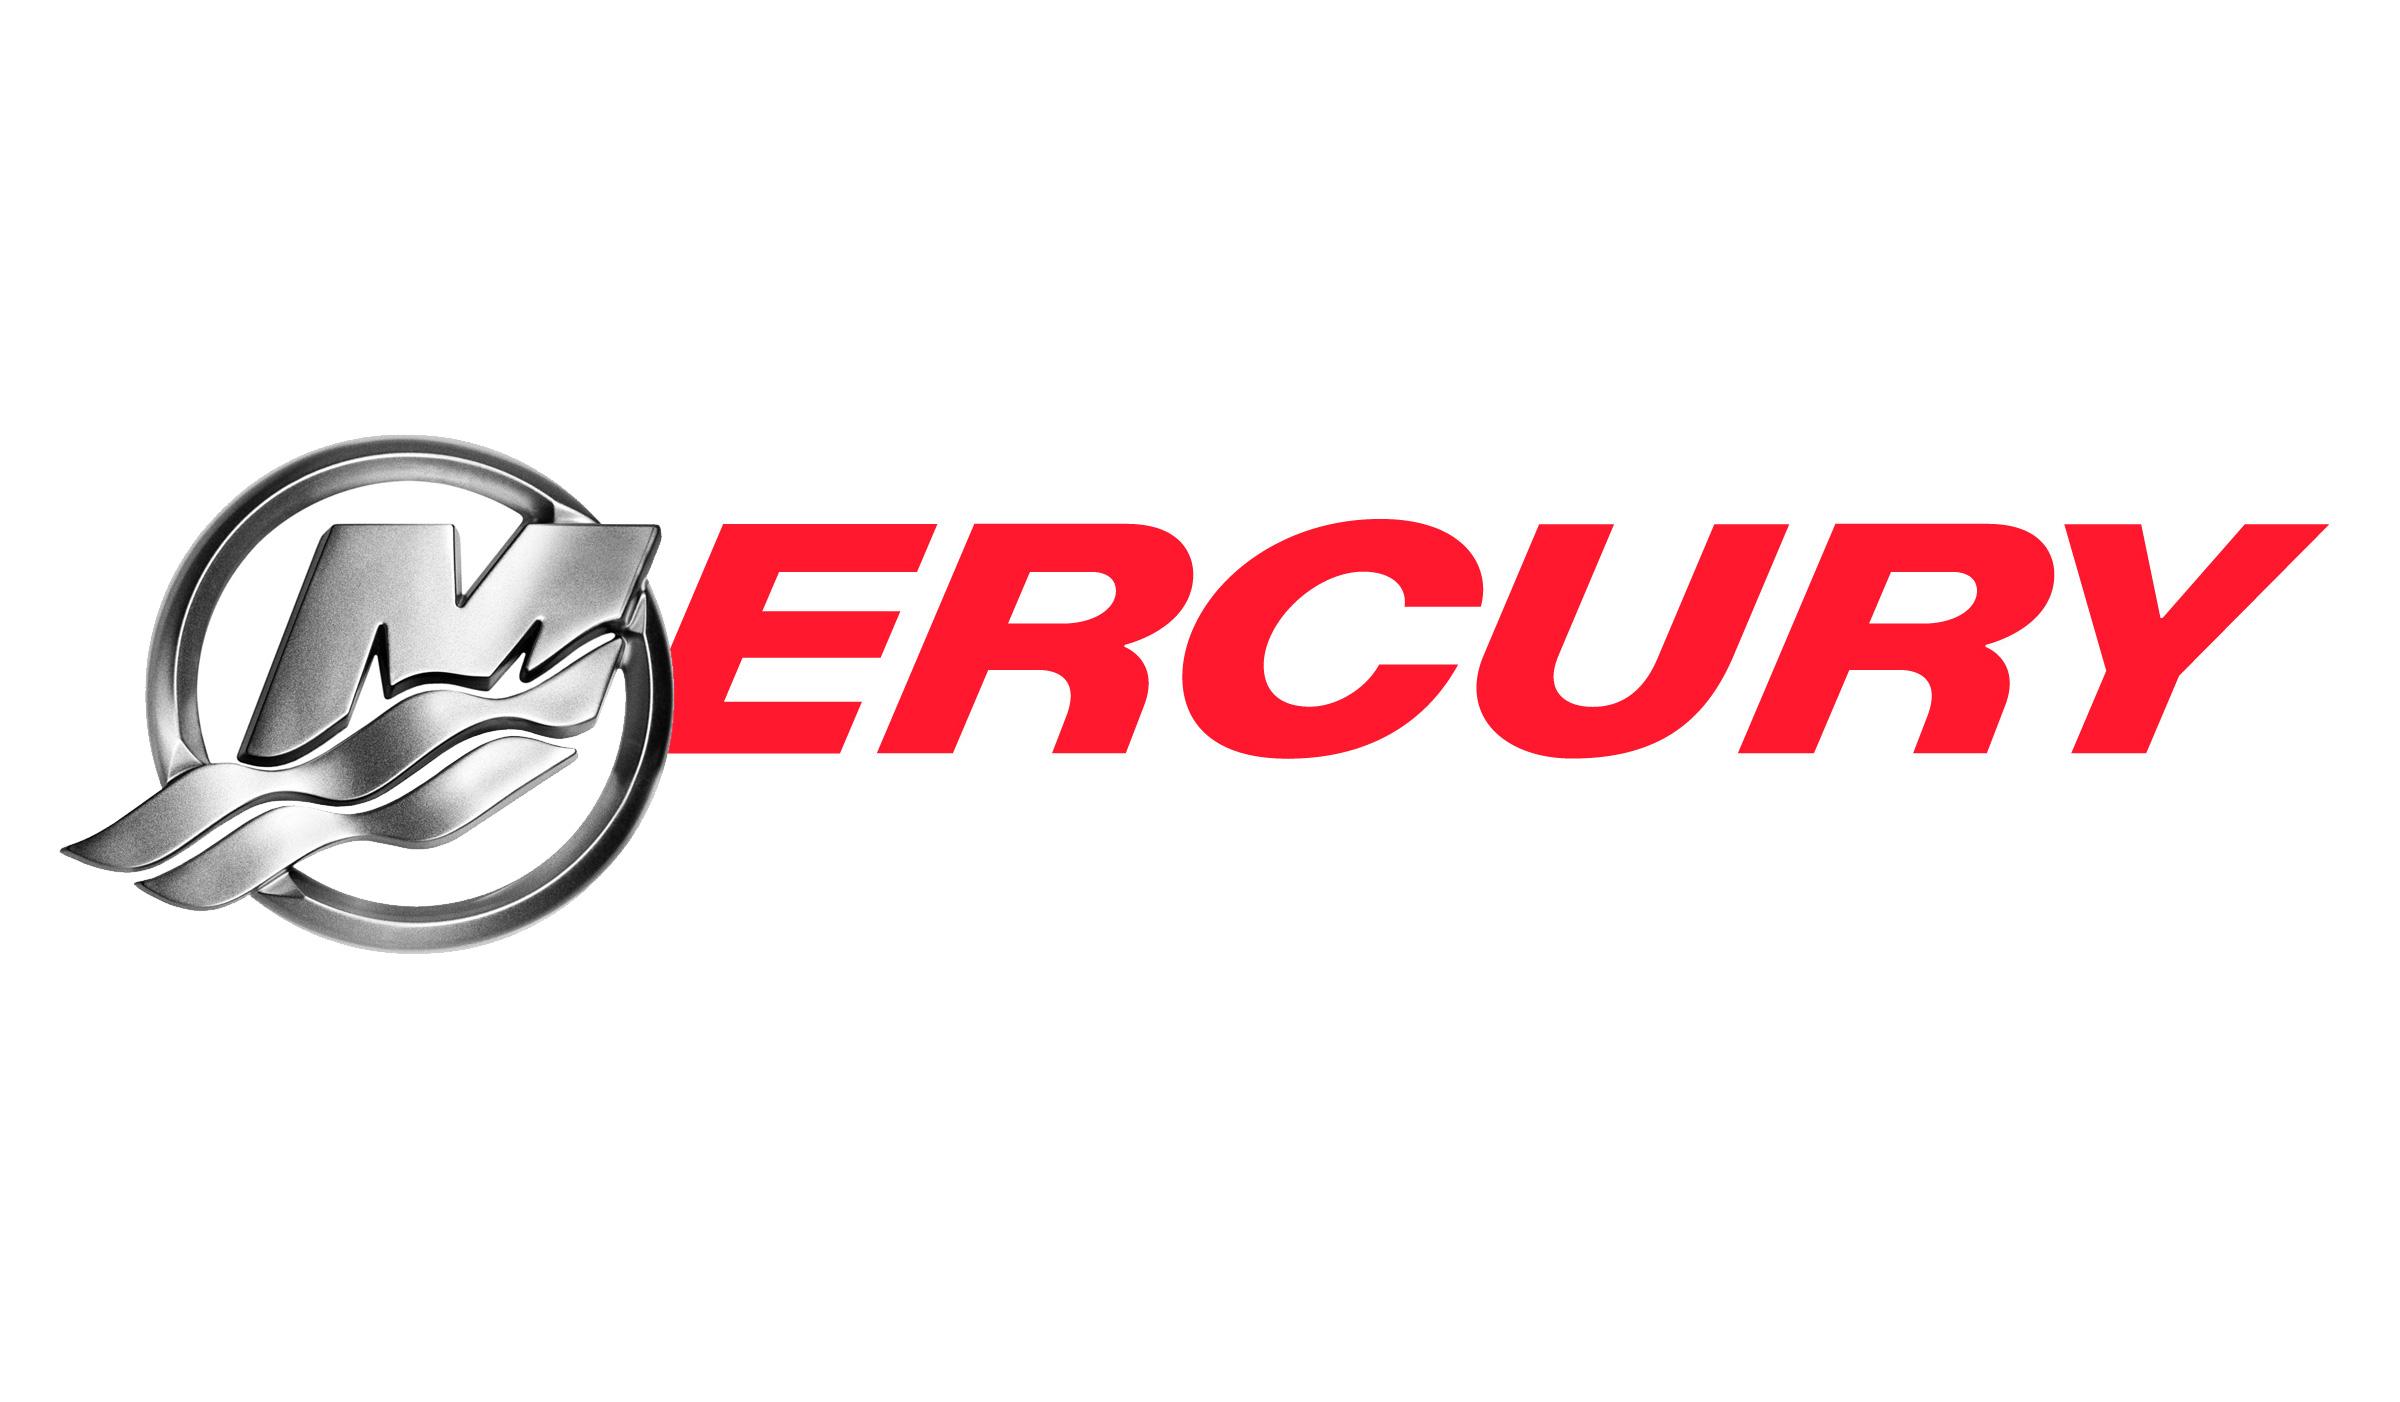 Акция «Победные цены» на моторы Mercury